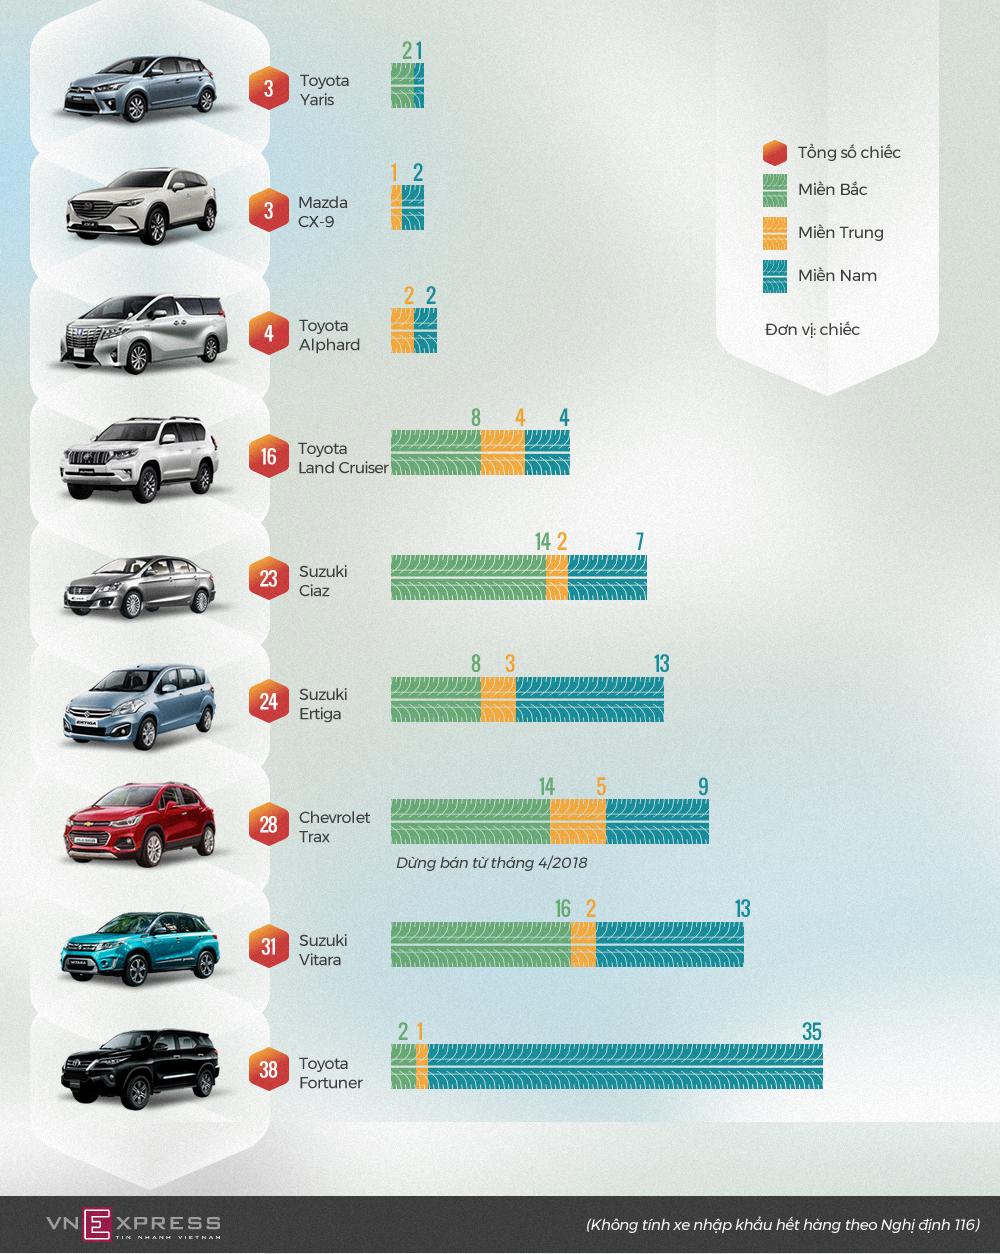 Những ôtô ít khách nhất tại Việt Nam nửa đầu 2018